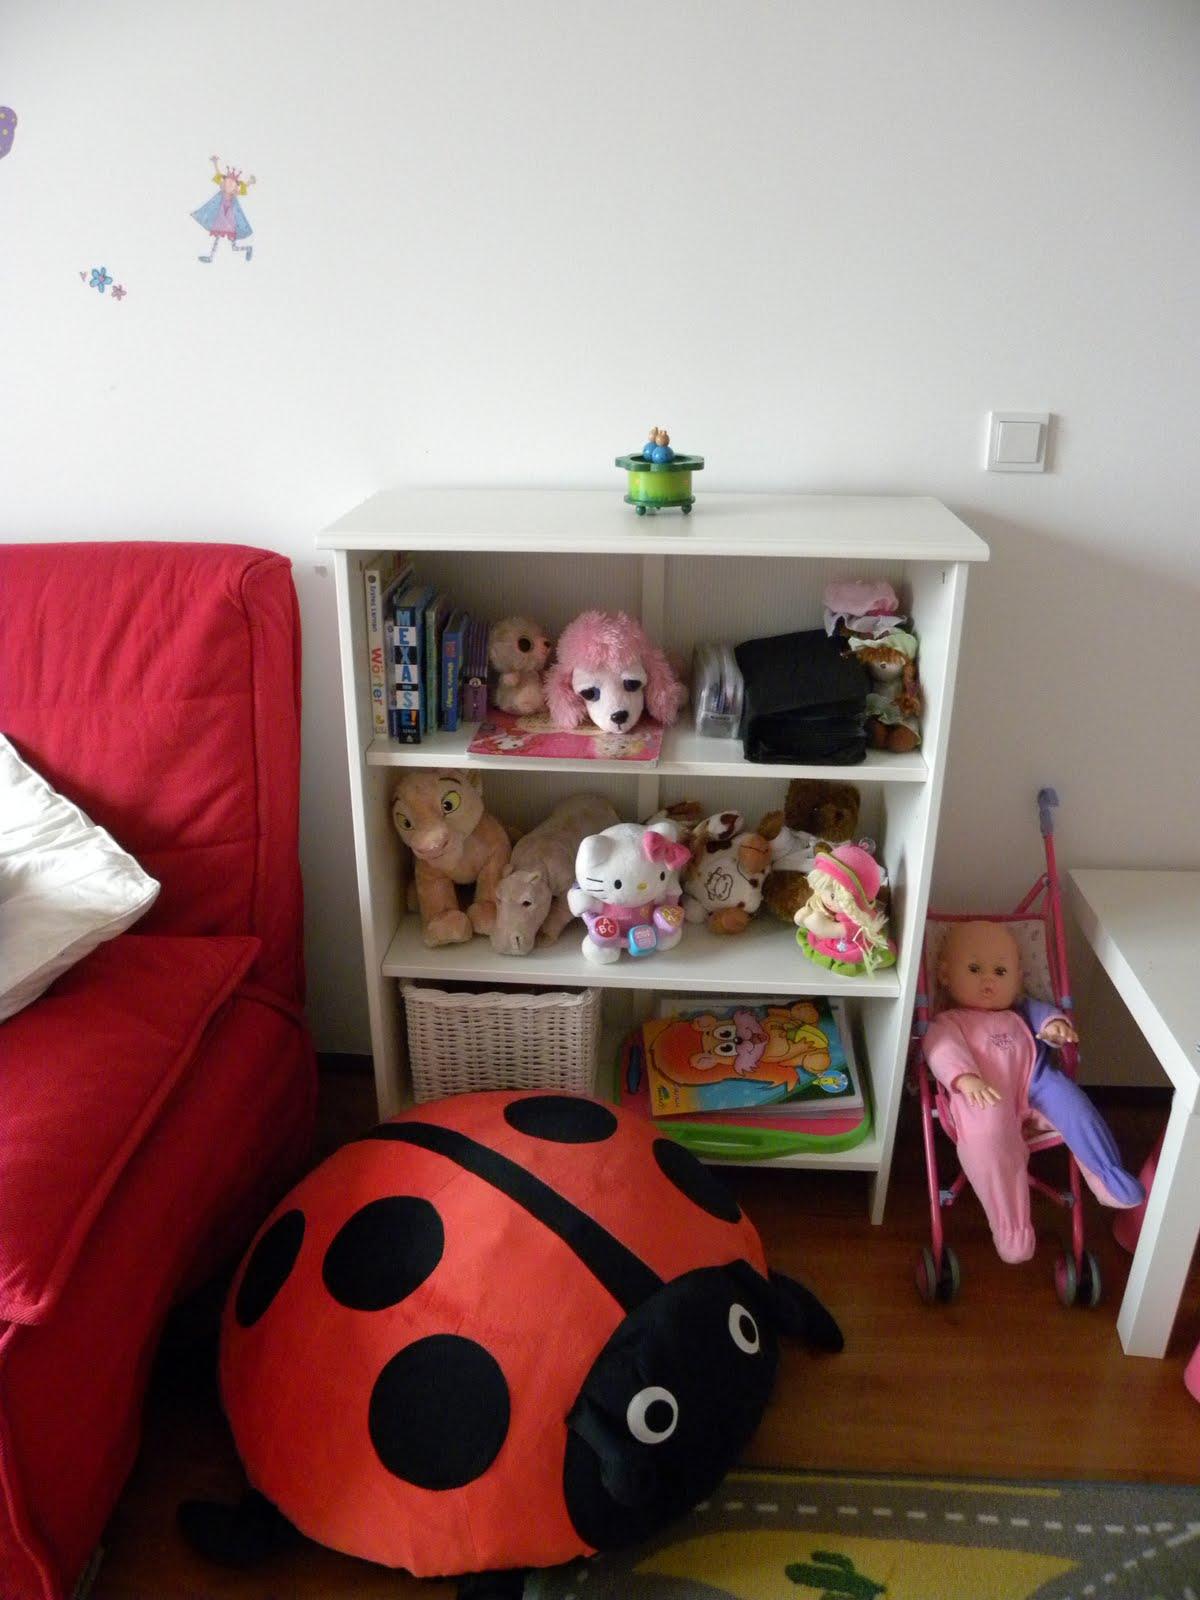 Estante de livros e bichinhos. A joaninha serve de apoio para sentar #75211C 1200x1600